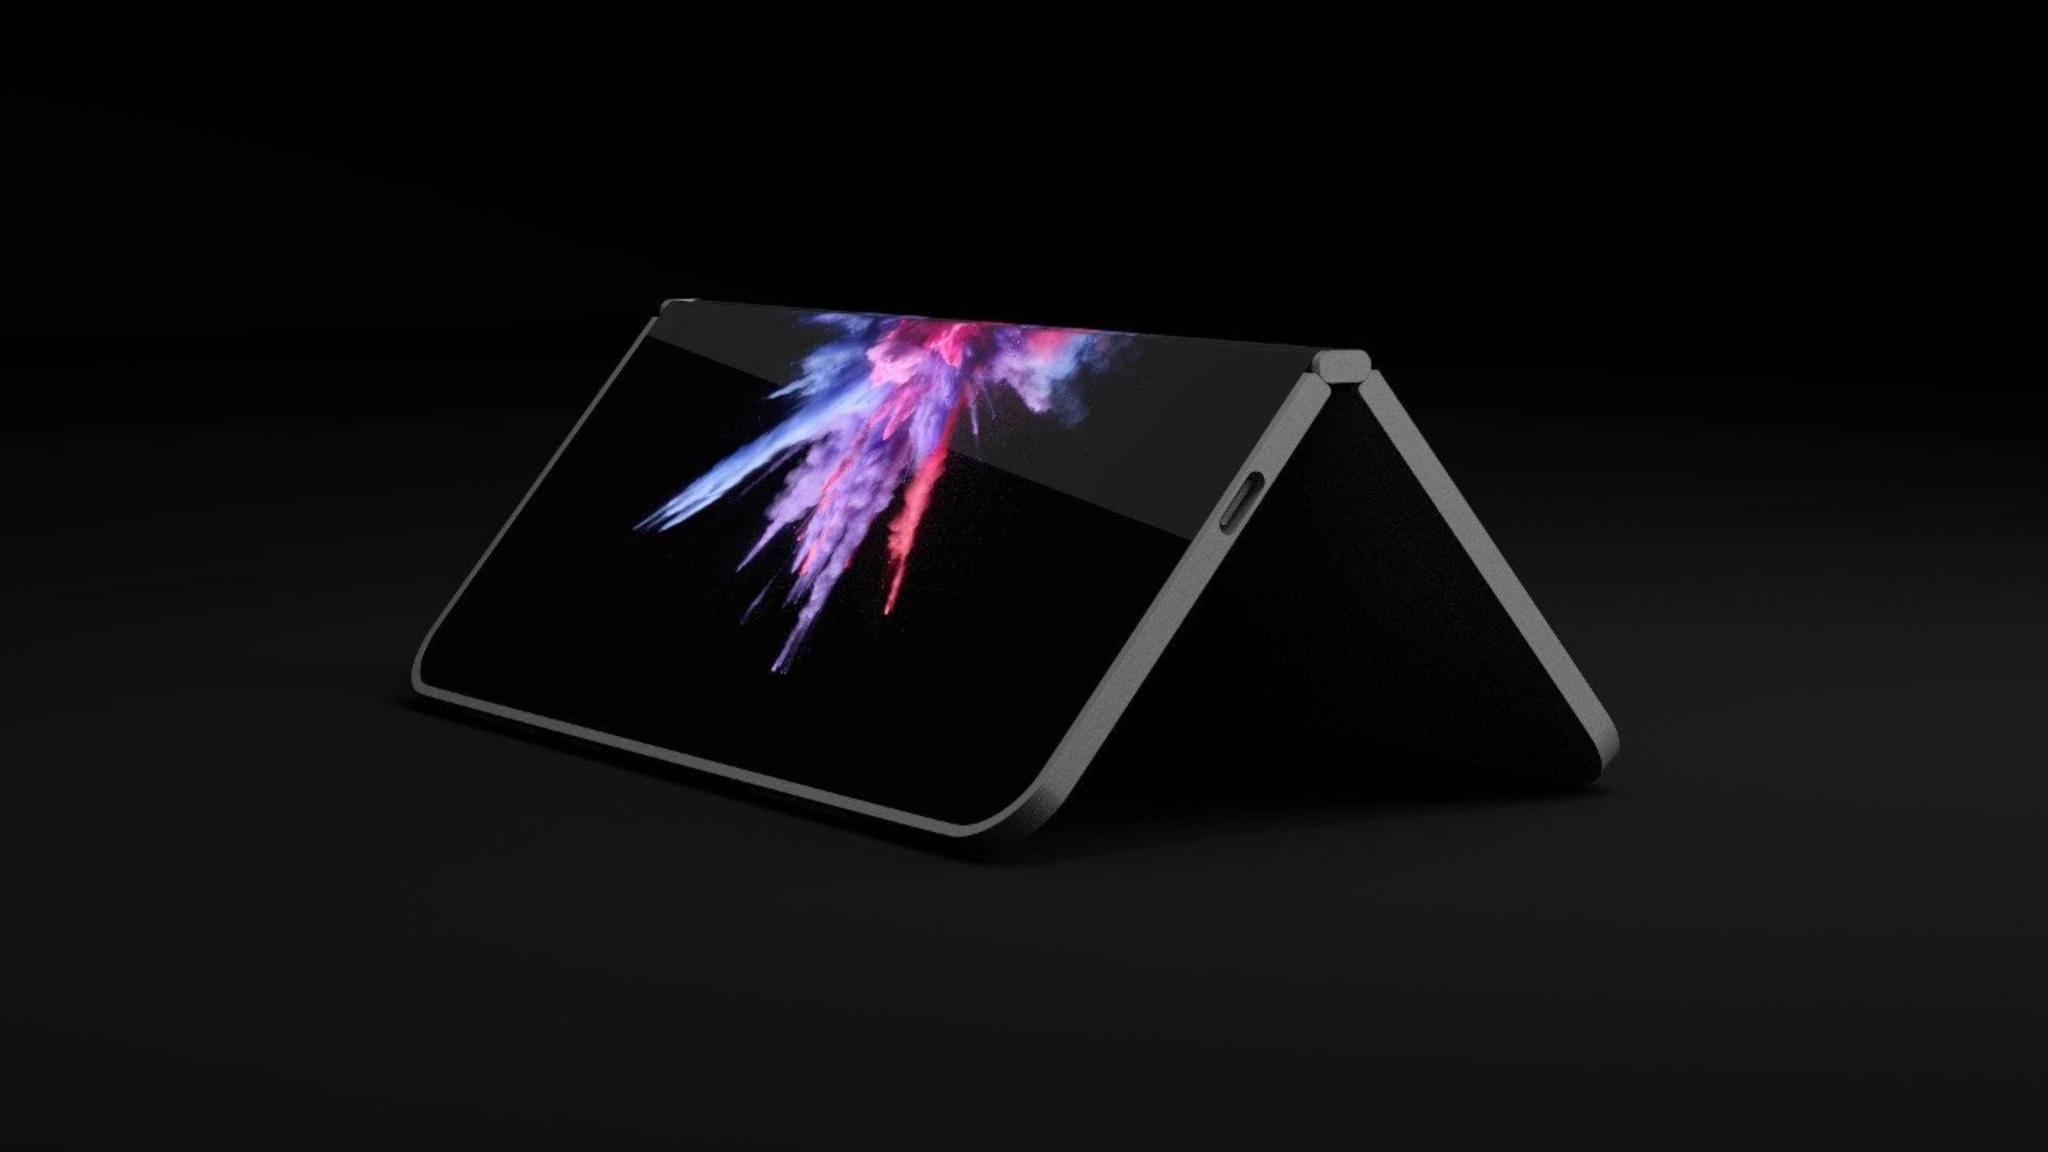 Das Surface Phone wird bis auf Weiteres ein Konzept bleiben.